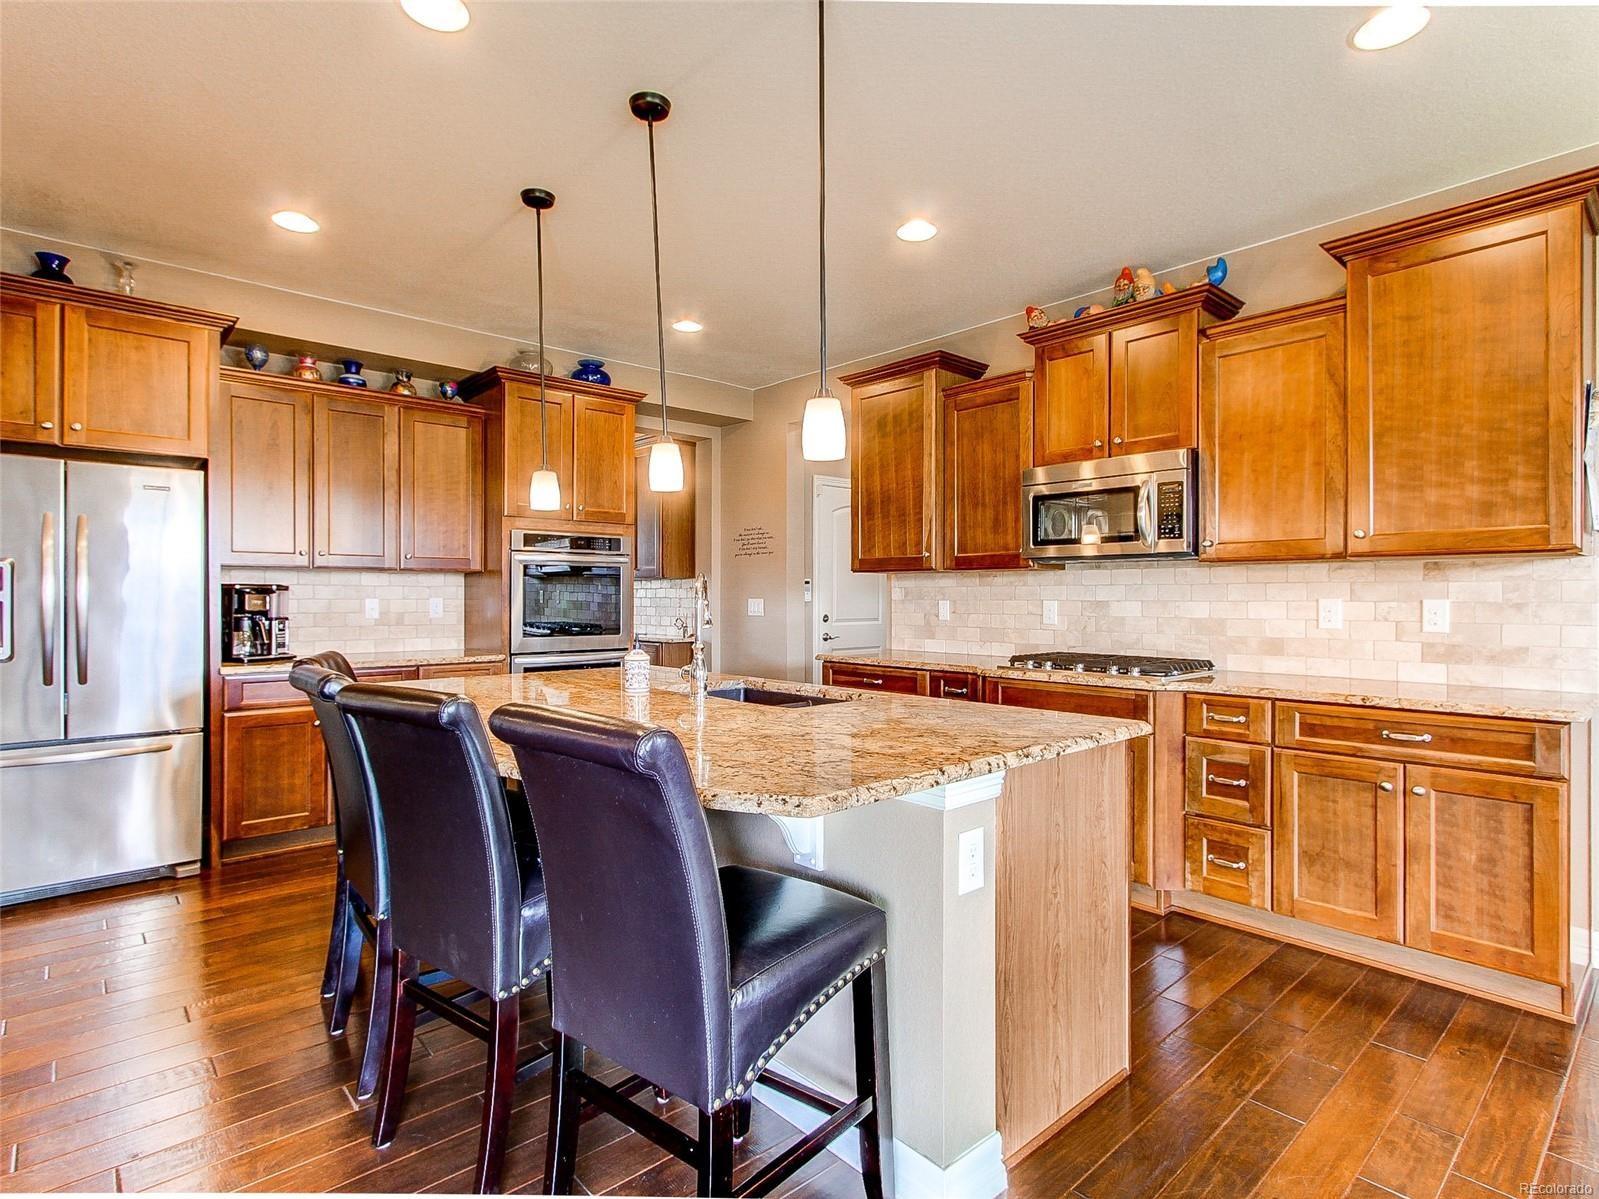 MLS# 8142376 - 6 - 14585 Saddlebred Avenue, Parker, CO 80134